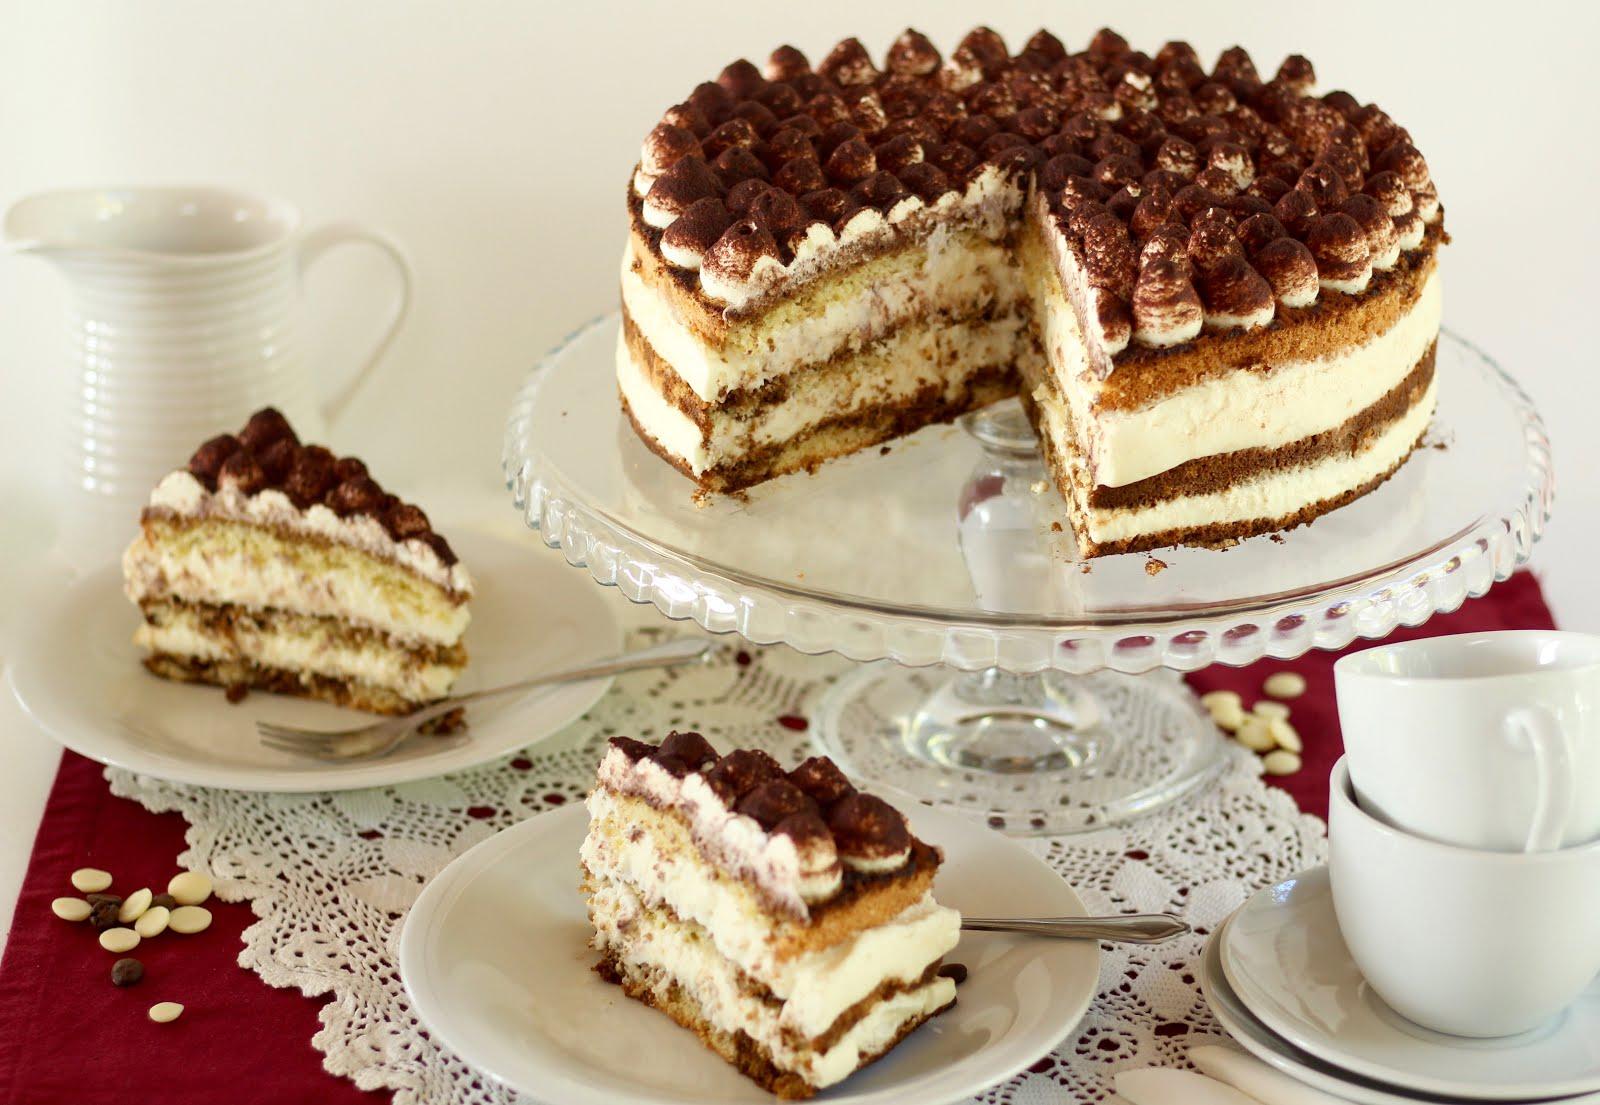 Kaffee-Torte mit weißer Schokosahne | Tiramisu-Torte mit feinem Biskuit | Rezept und Video